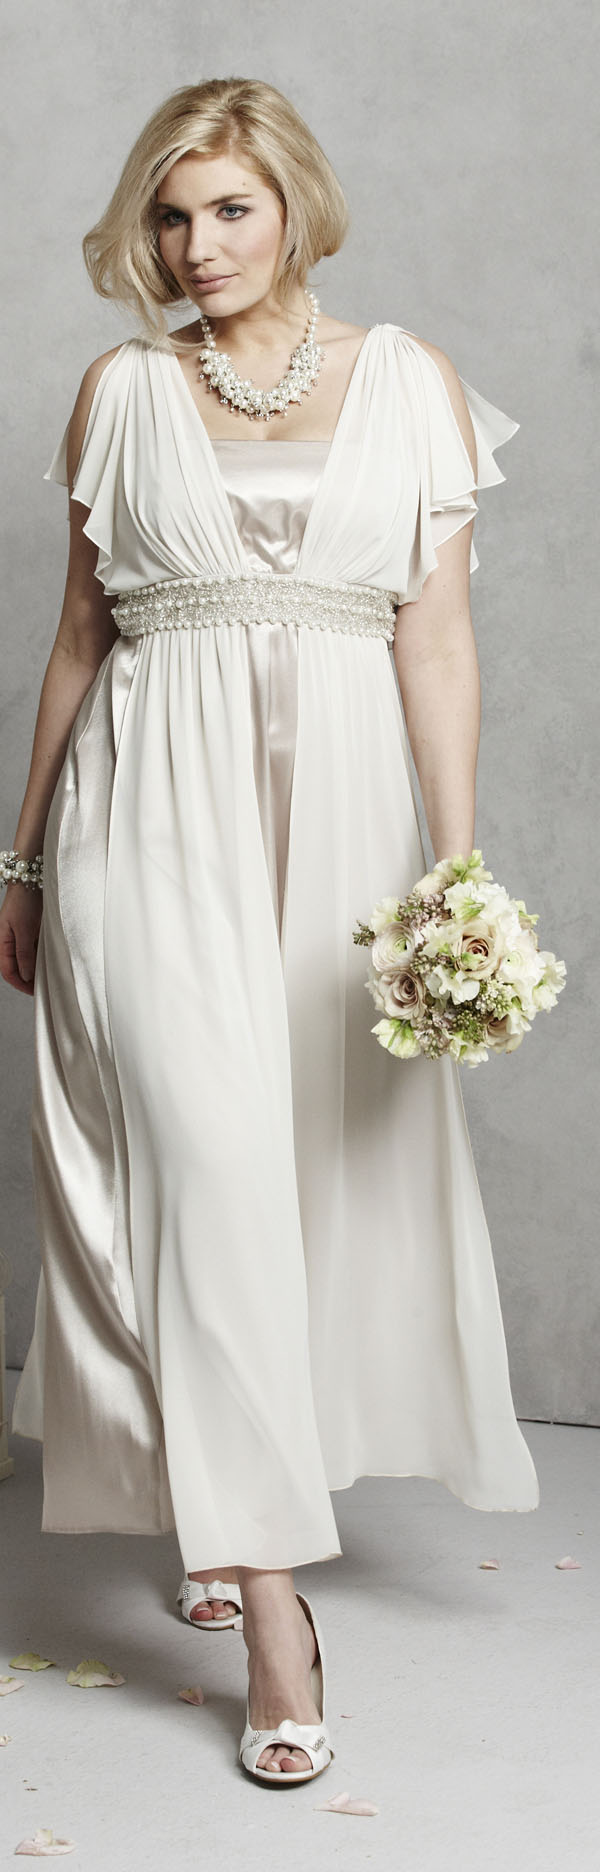 Pin van vicky de op trouw pinterest wedding dresses wedding en